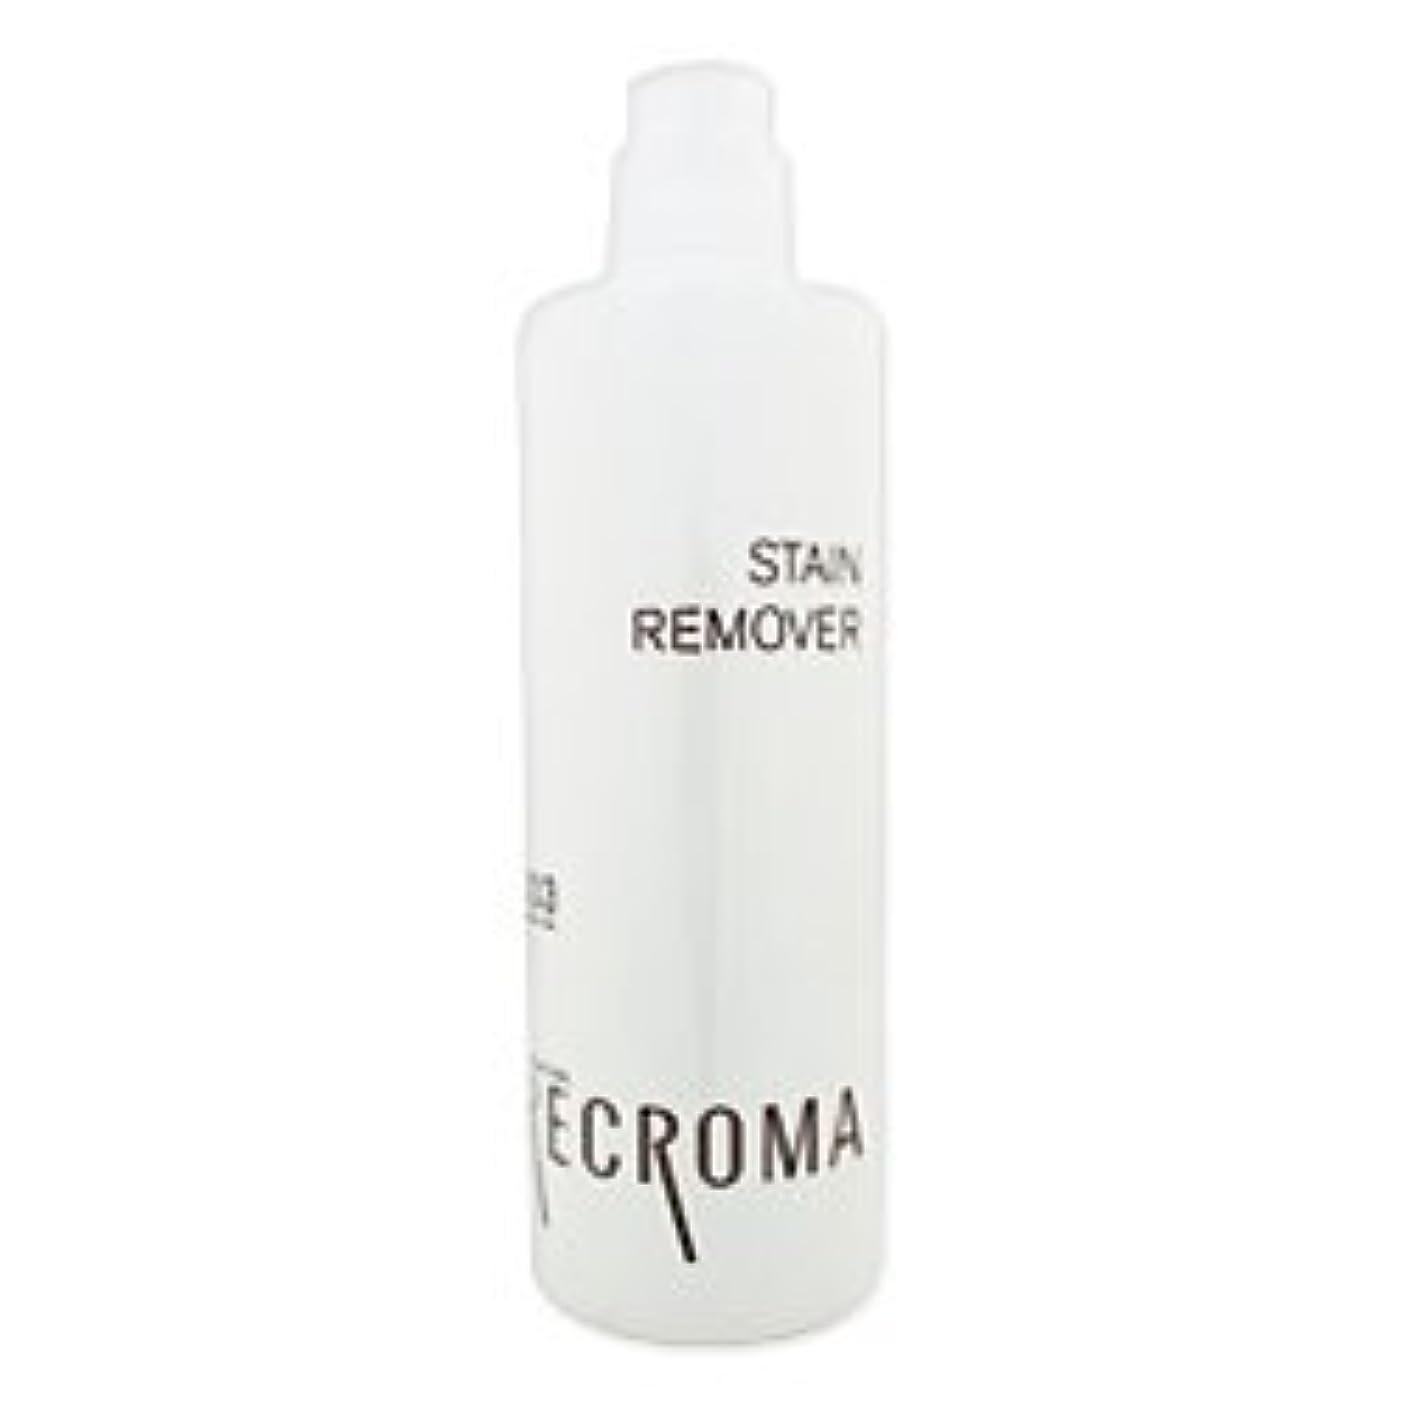 クラシカルランクブースナンバースリー リクロマ ステインリムーバー 拭き取り化粧水 300ml 【業務用】